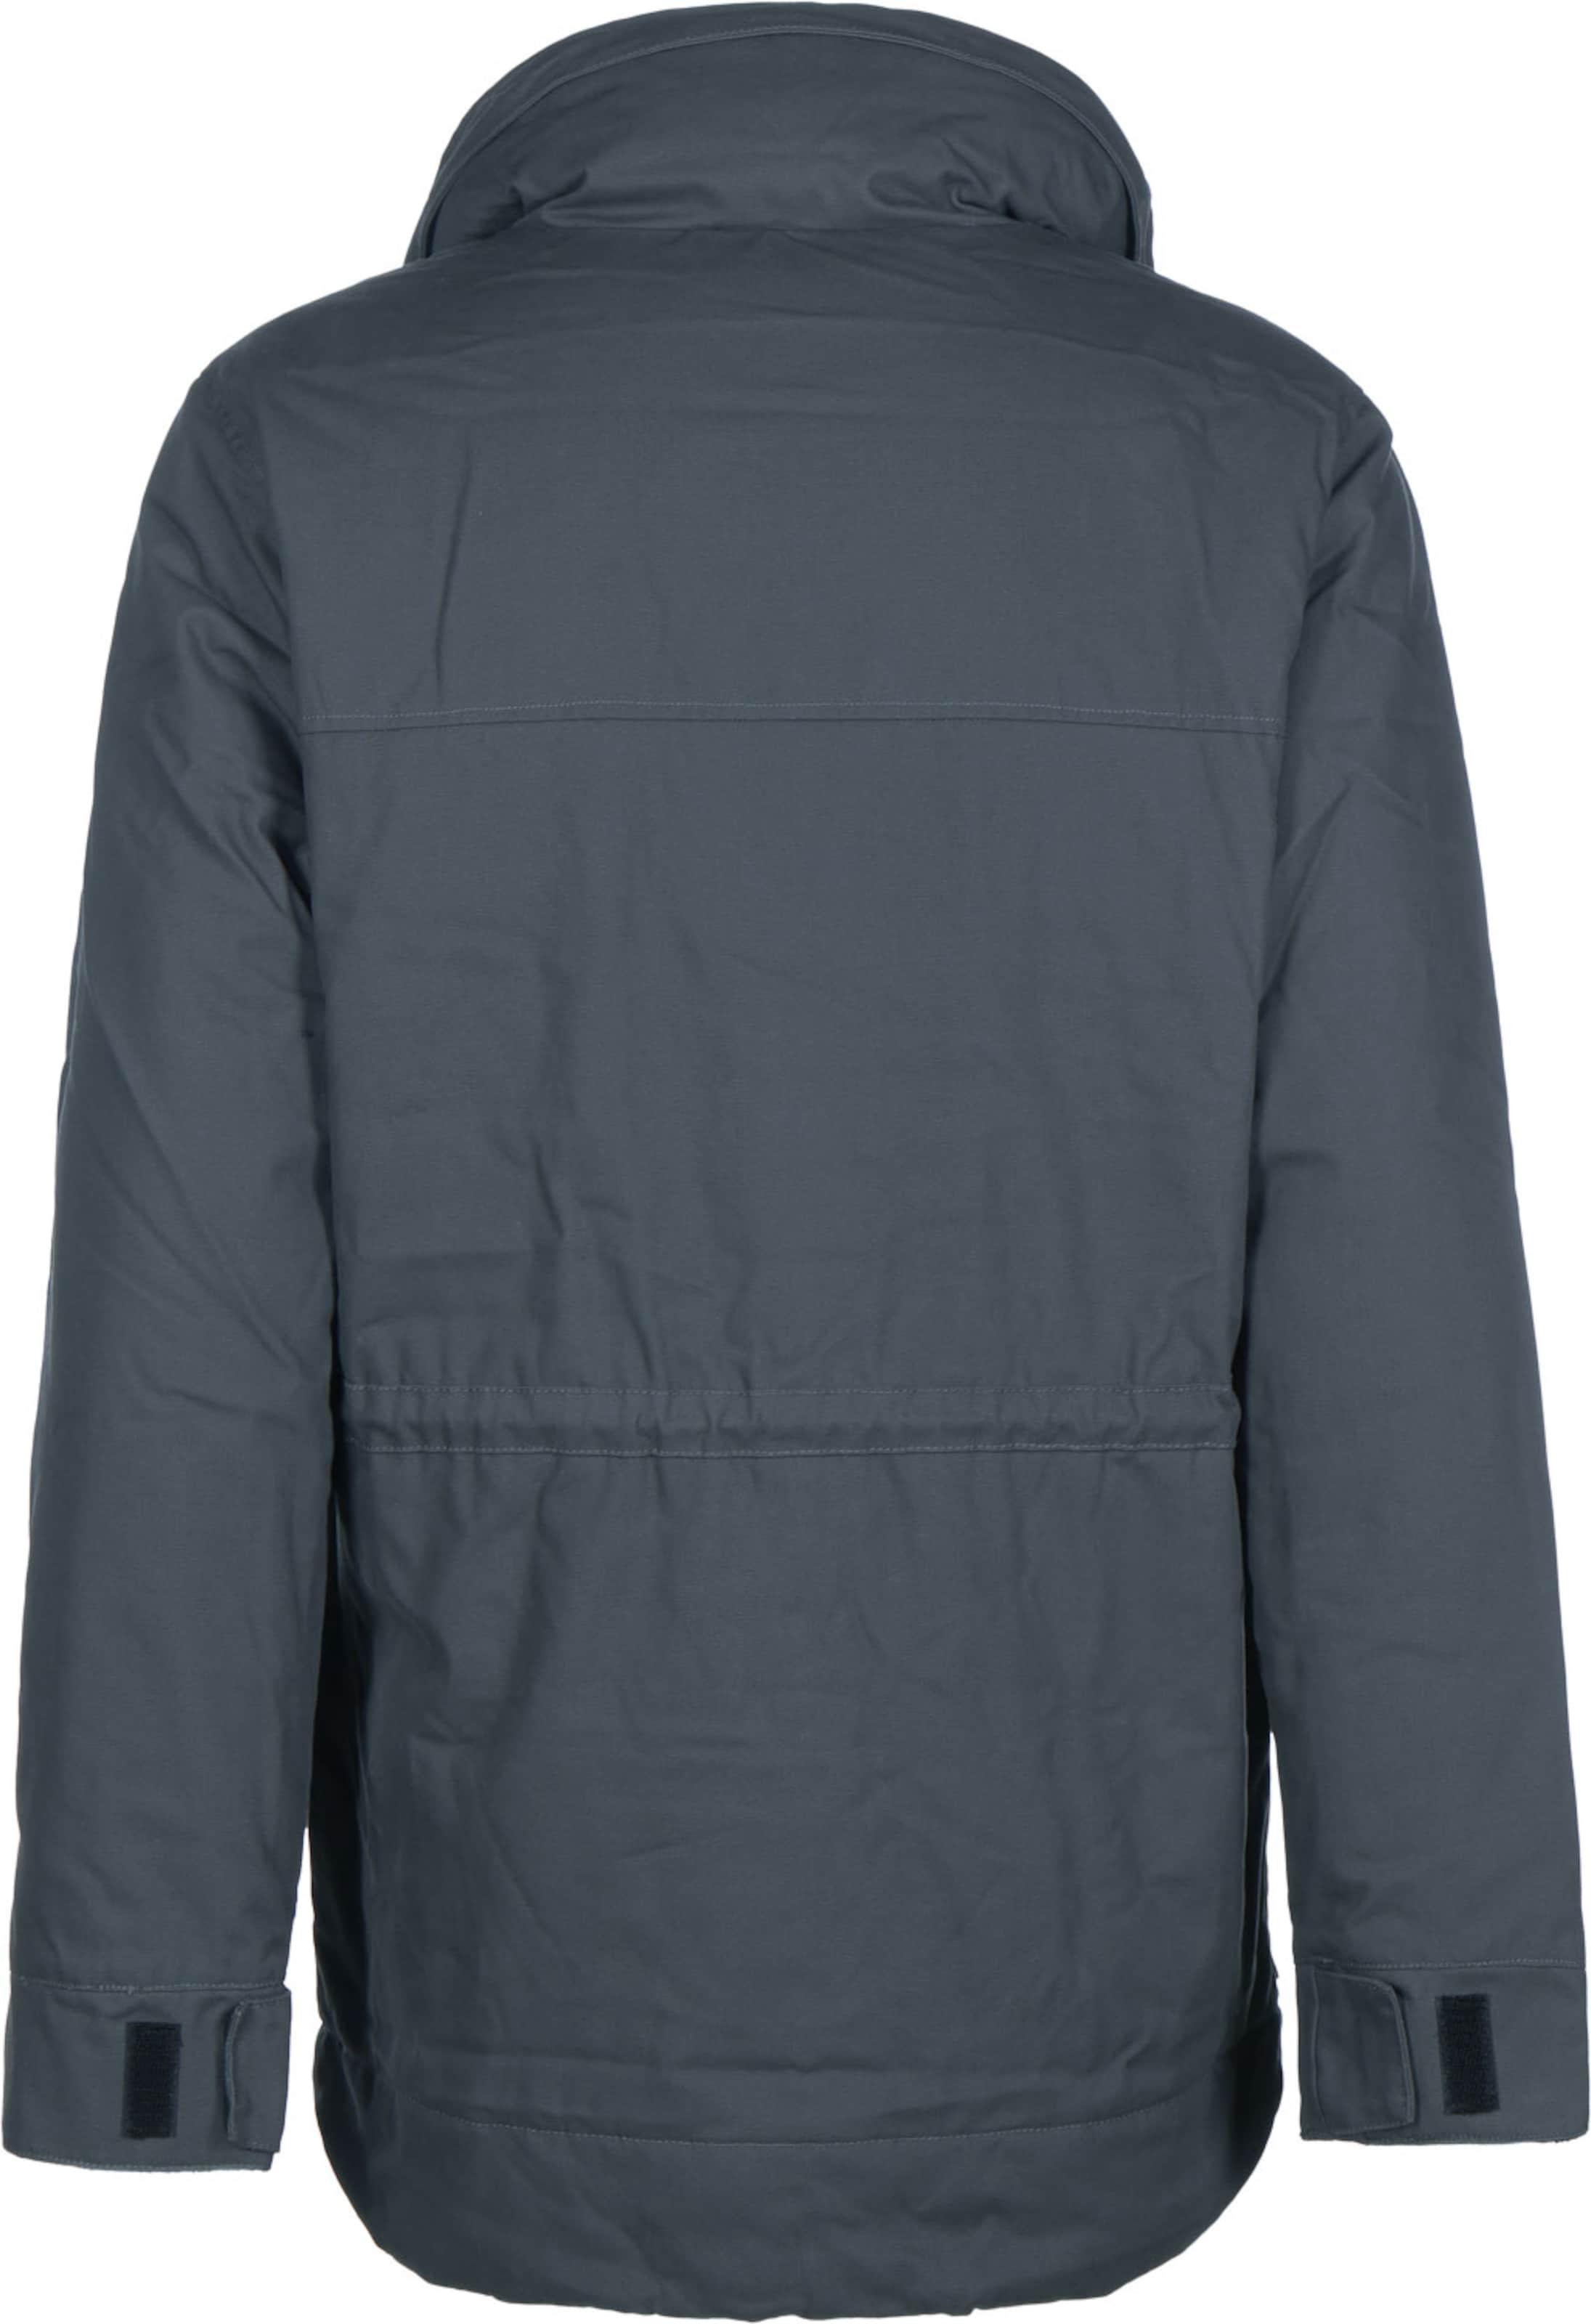 Dunkelgrau Ragwear Freizeitjacke Ragwear 'monk' In 6gfY7yb